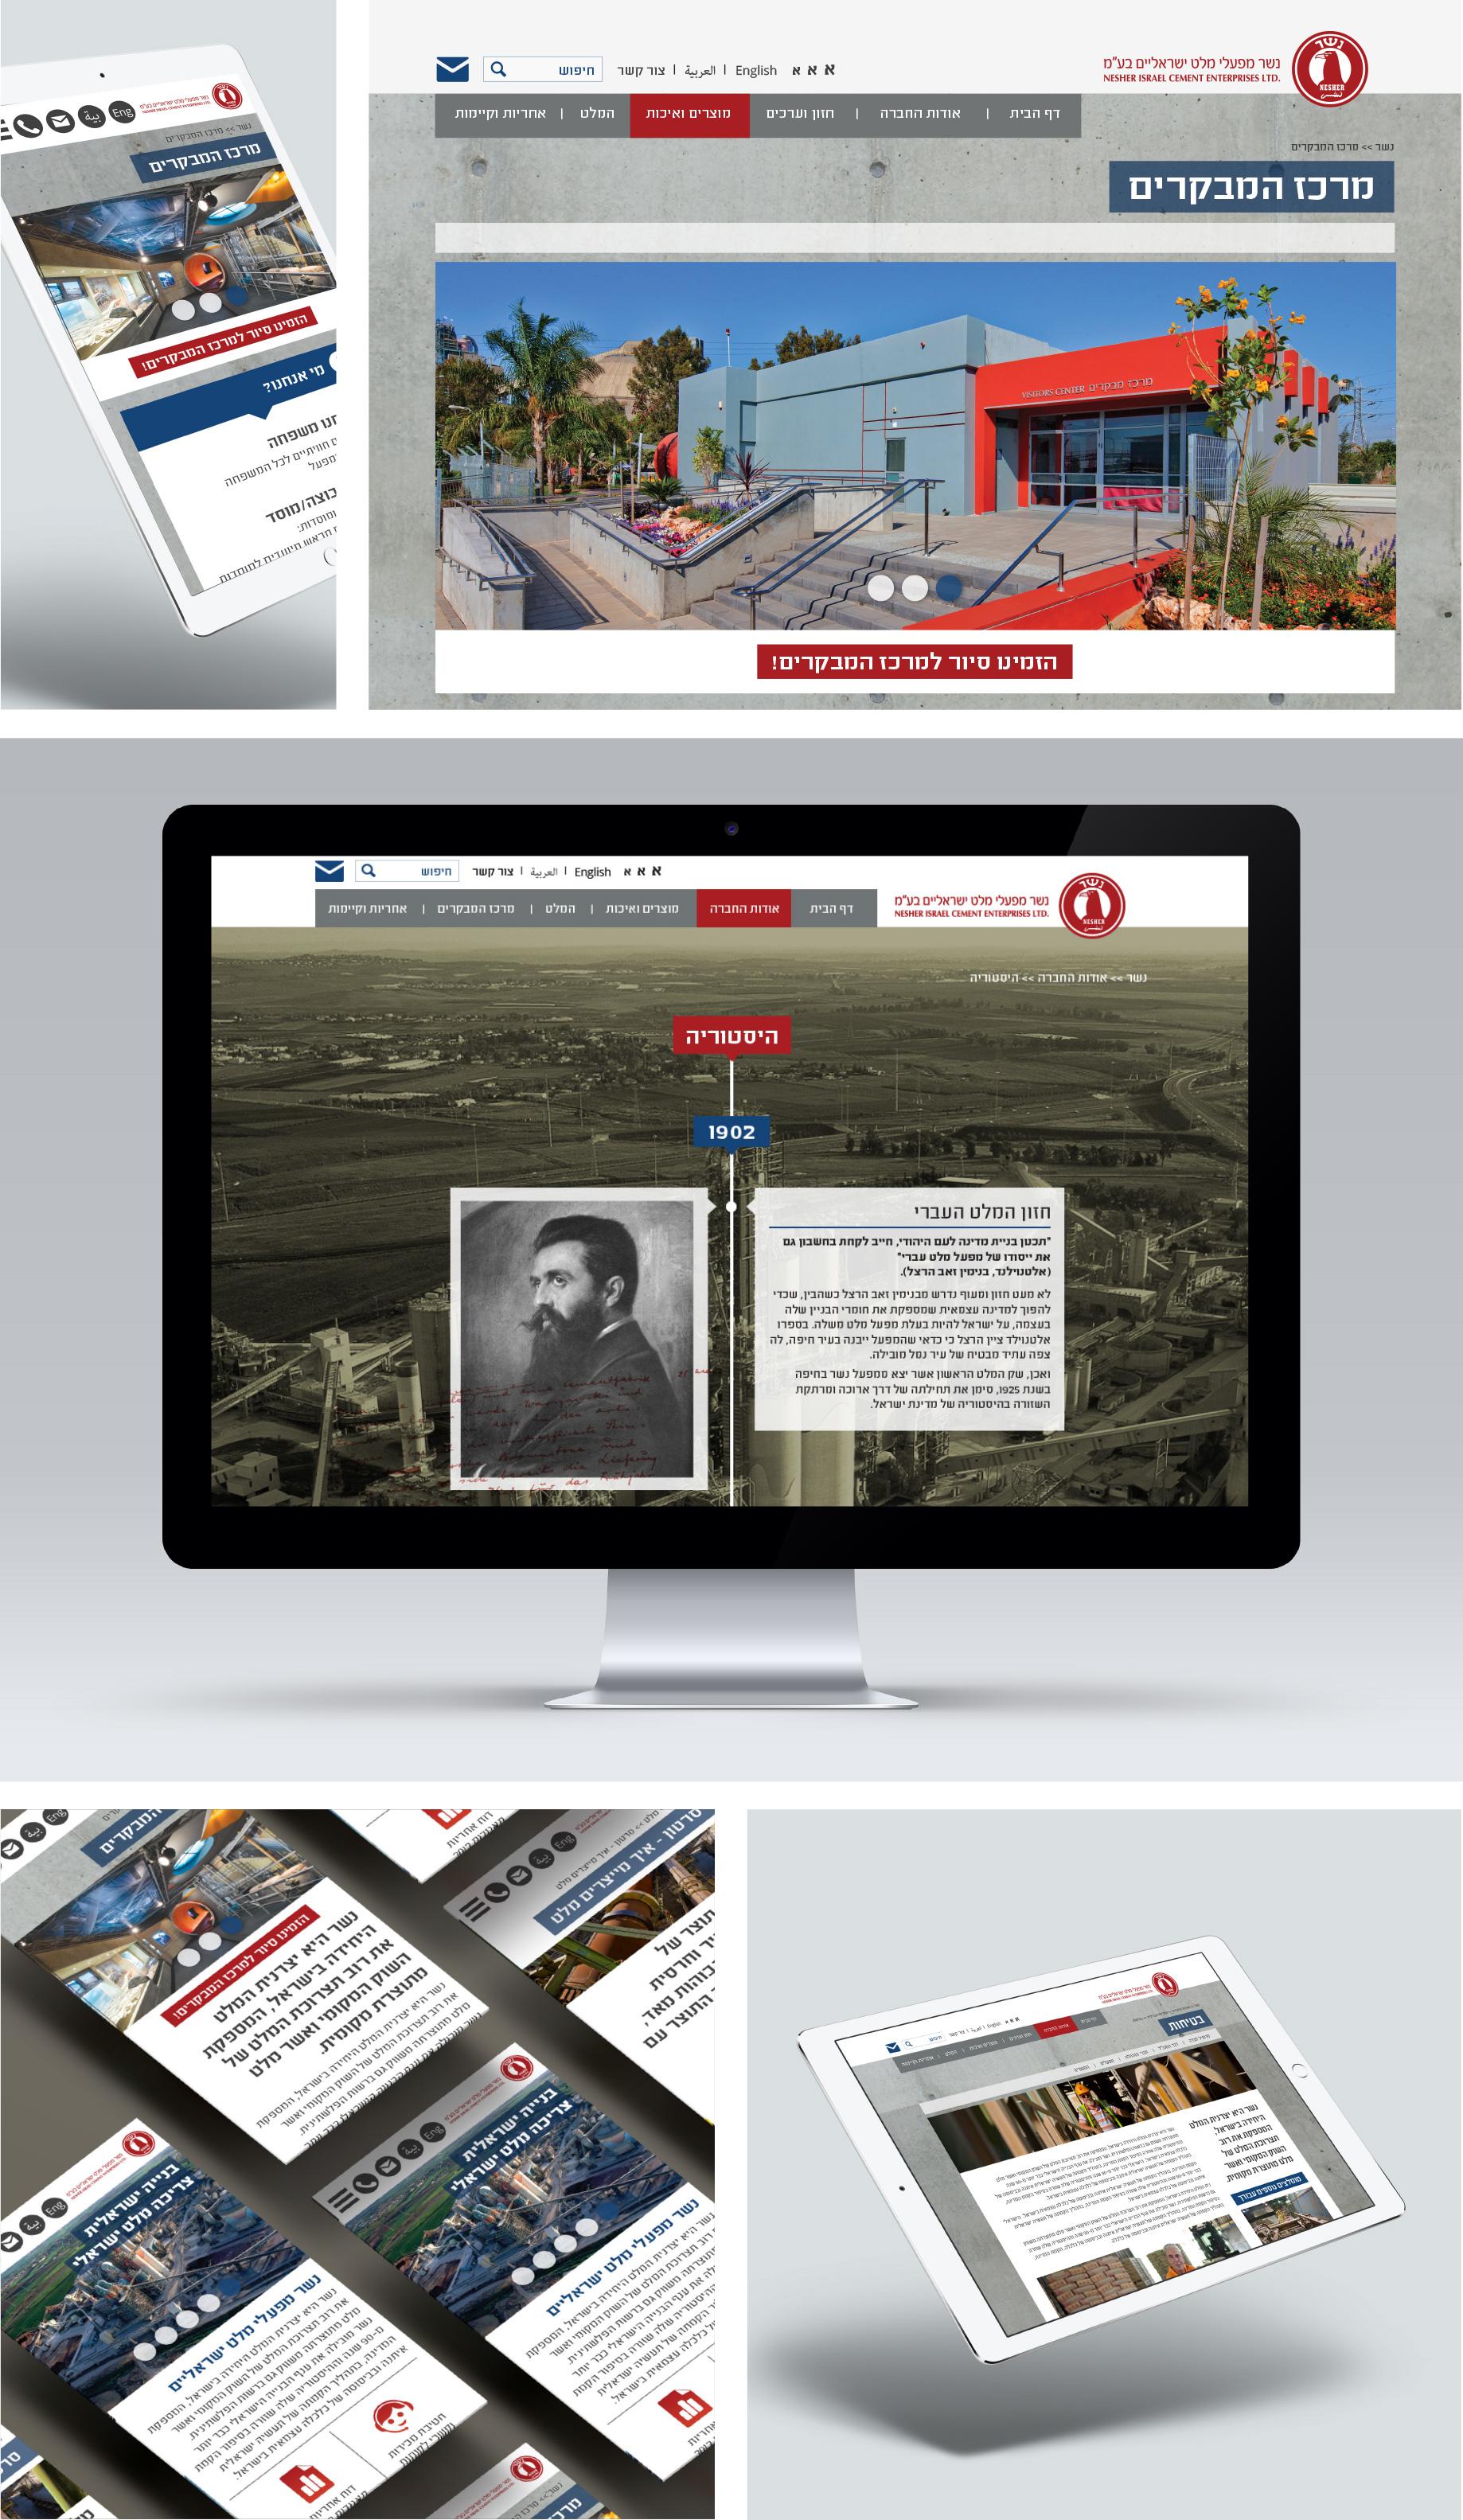 עיצוב אתר אינטרנט לחברה נשר תעשיות מלט